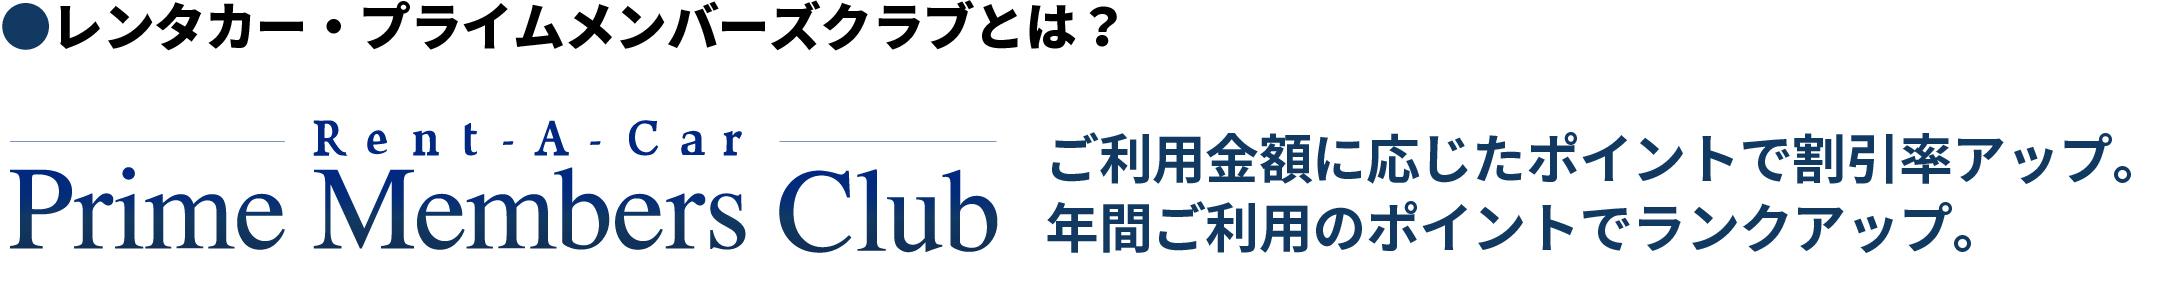 ●レンタカー・プライムメンバーズクラブとは?